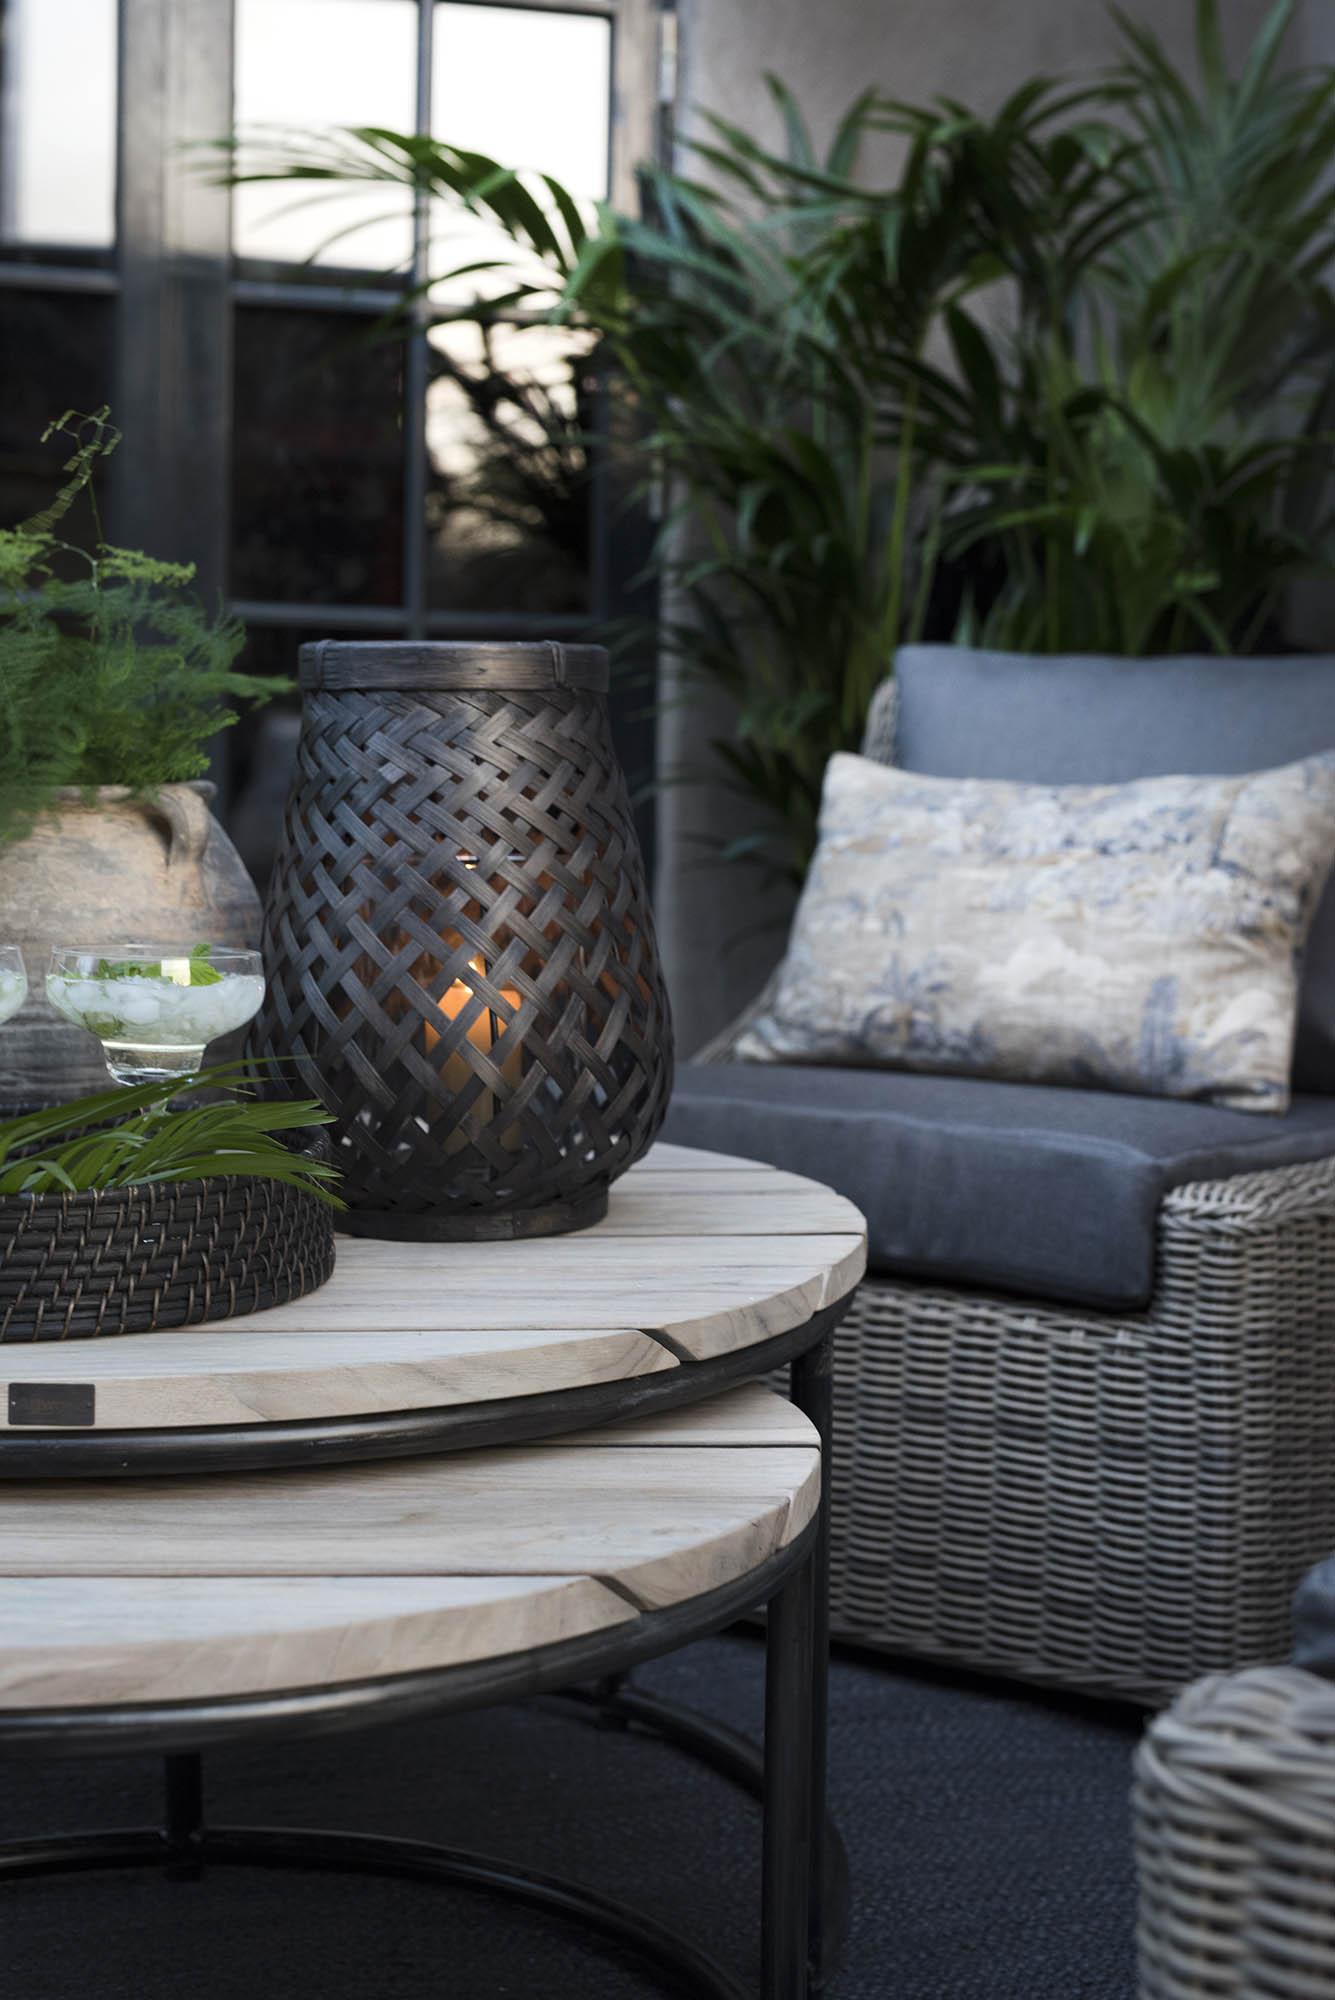 Miljöbild på Anson soffbord och Amazon ljuslykta från Artwood.